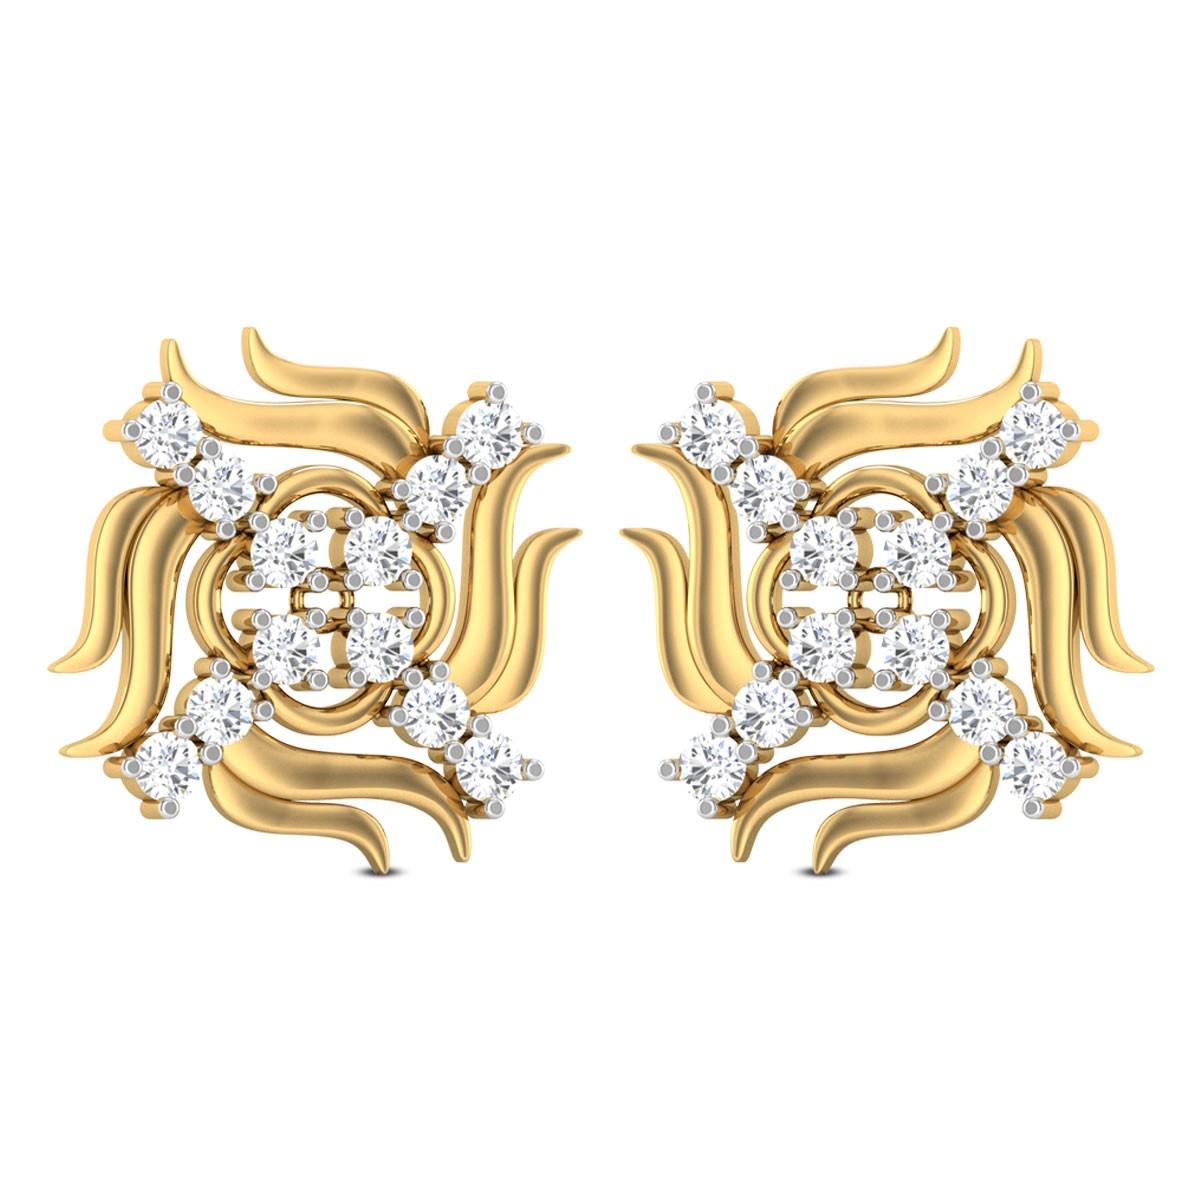 Farren Swastika Diamond Stud Earrings